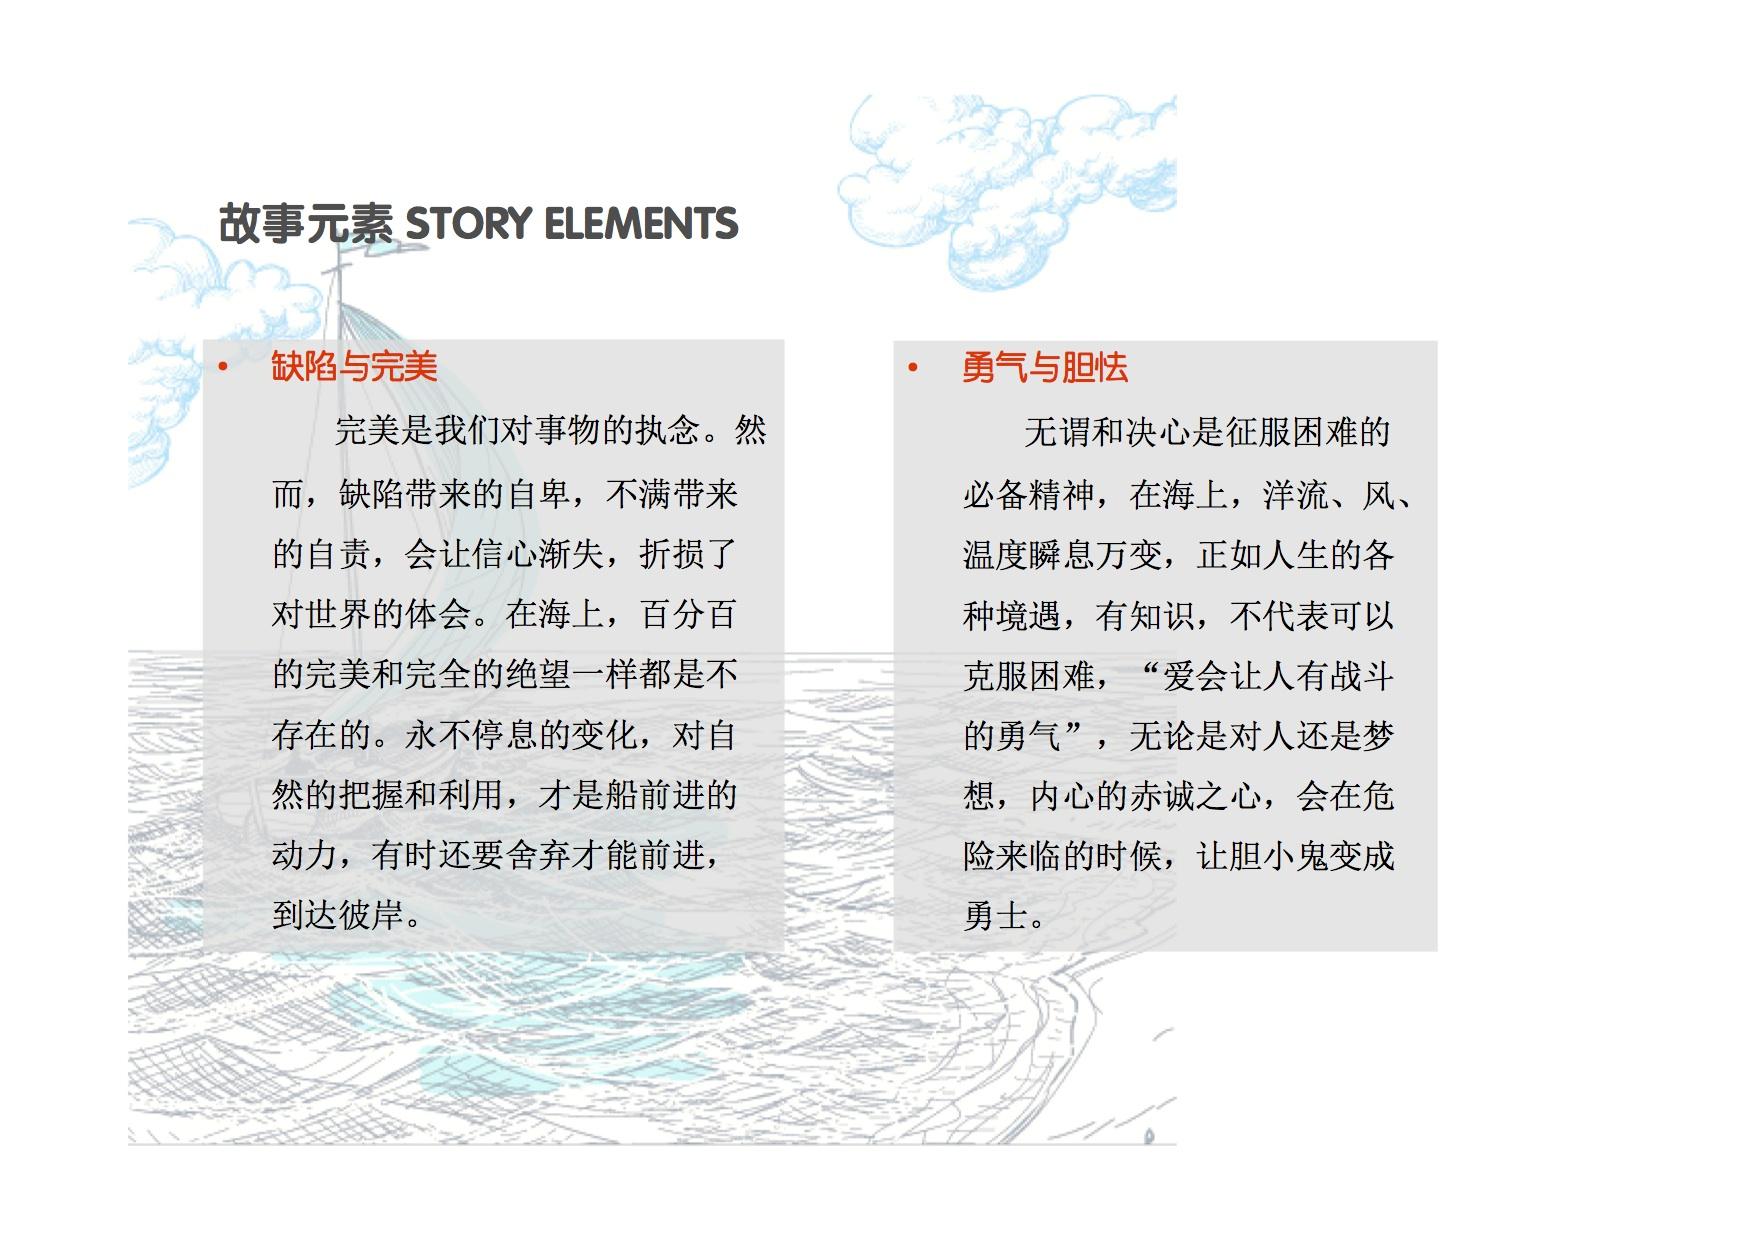 徐莉佳,帆船 一起来支持徐莉佳帆船漫画系列书 绘本帆船创作企划案19.jpg